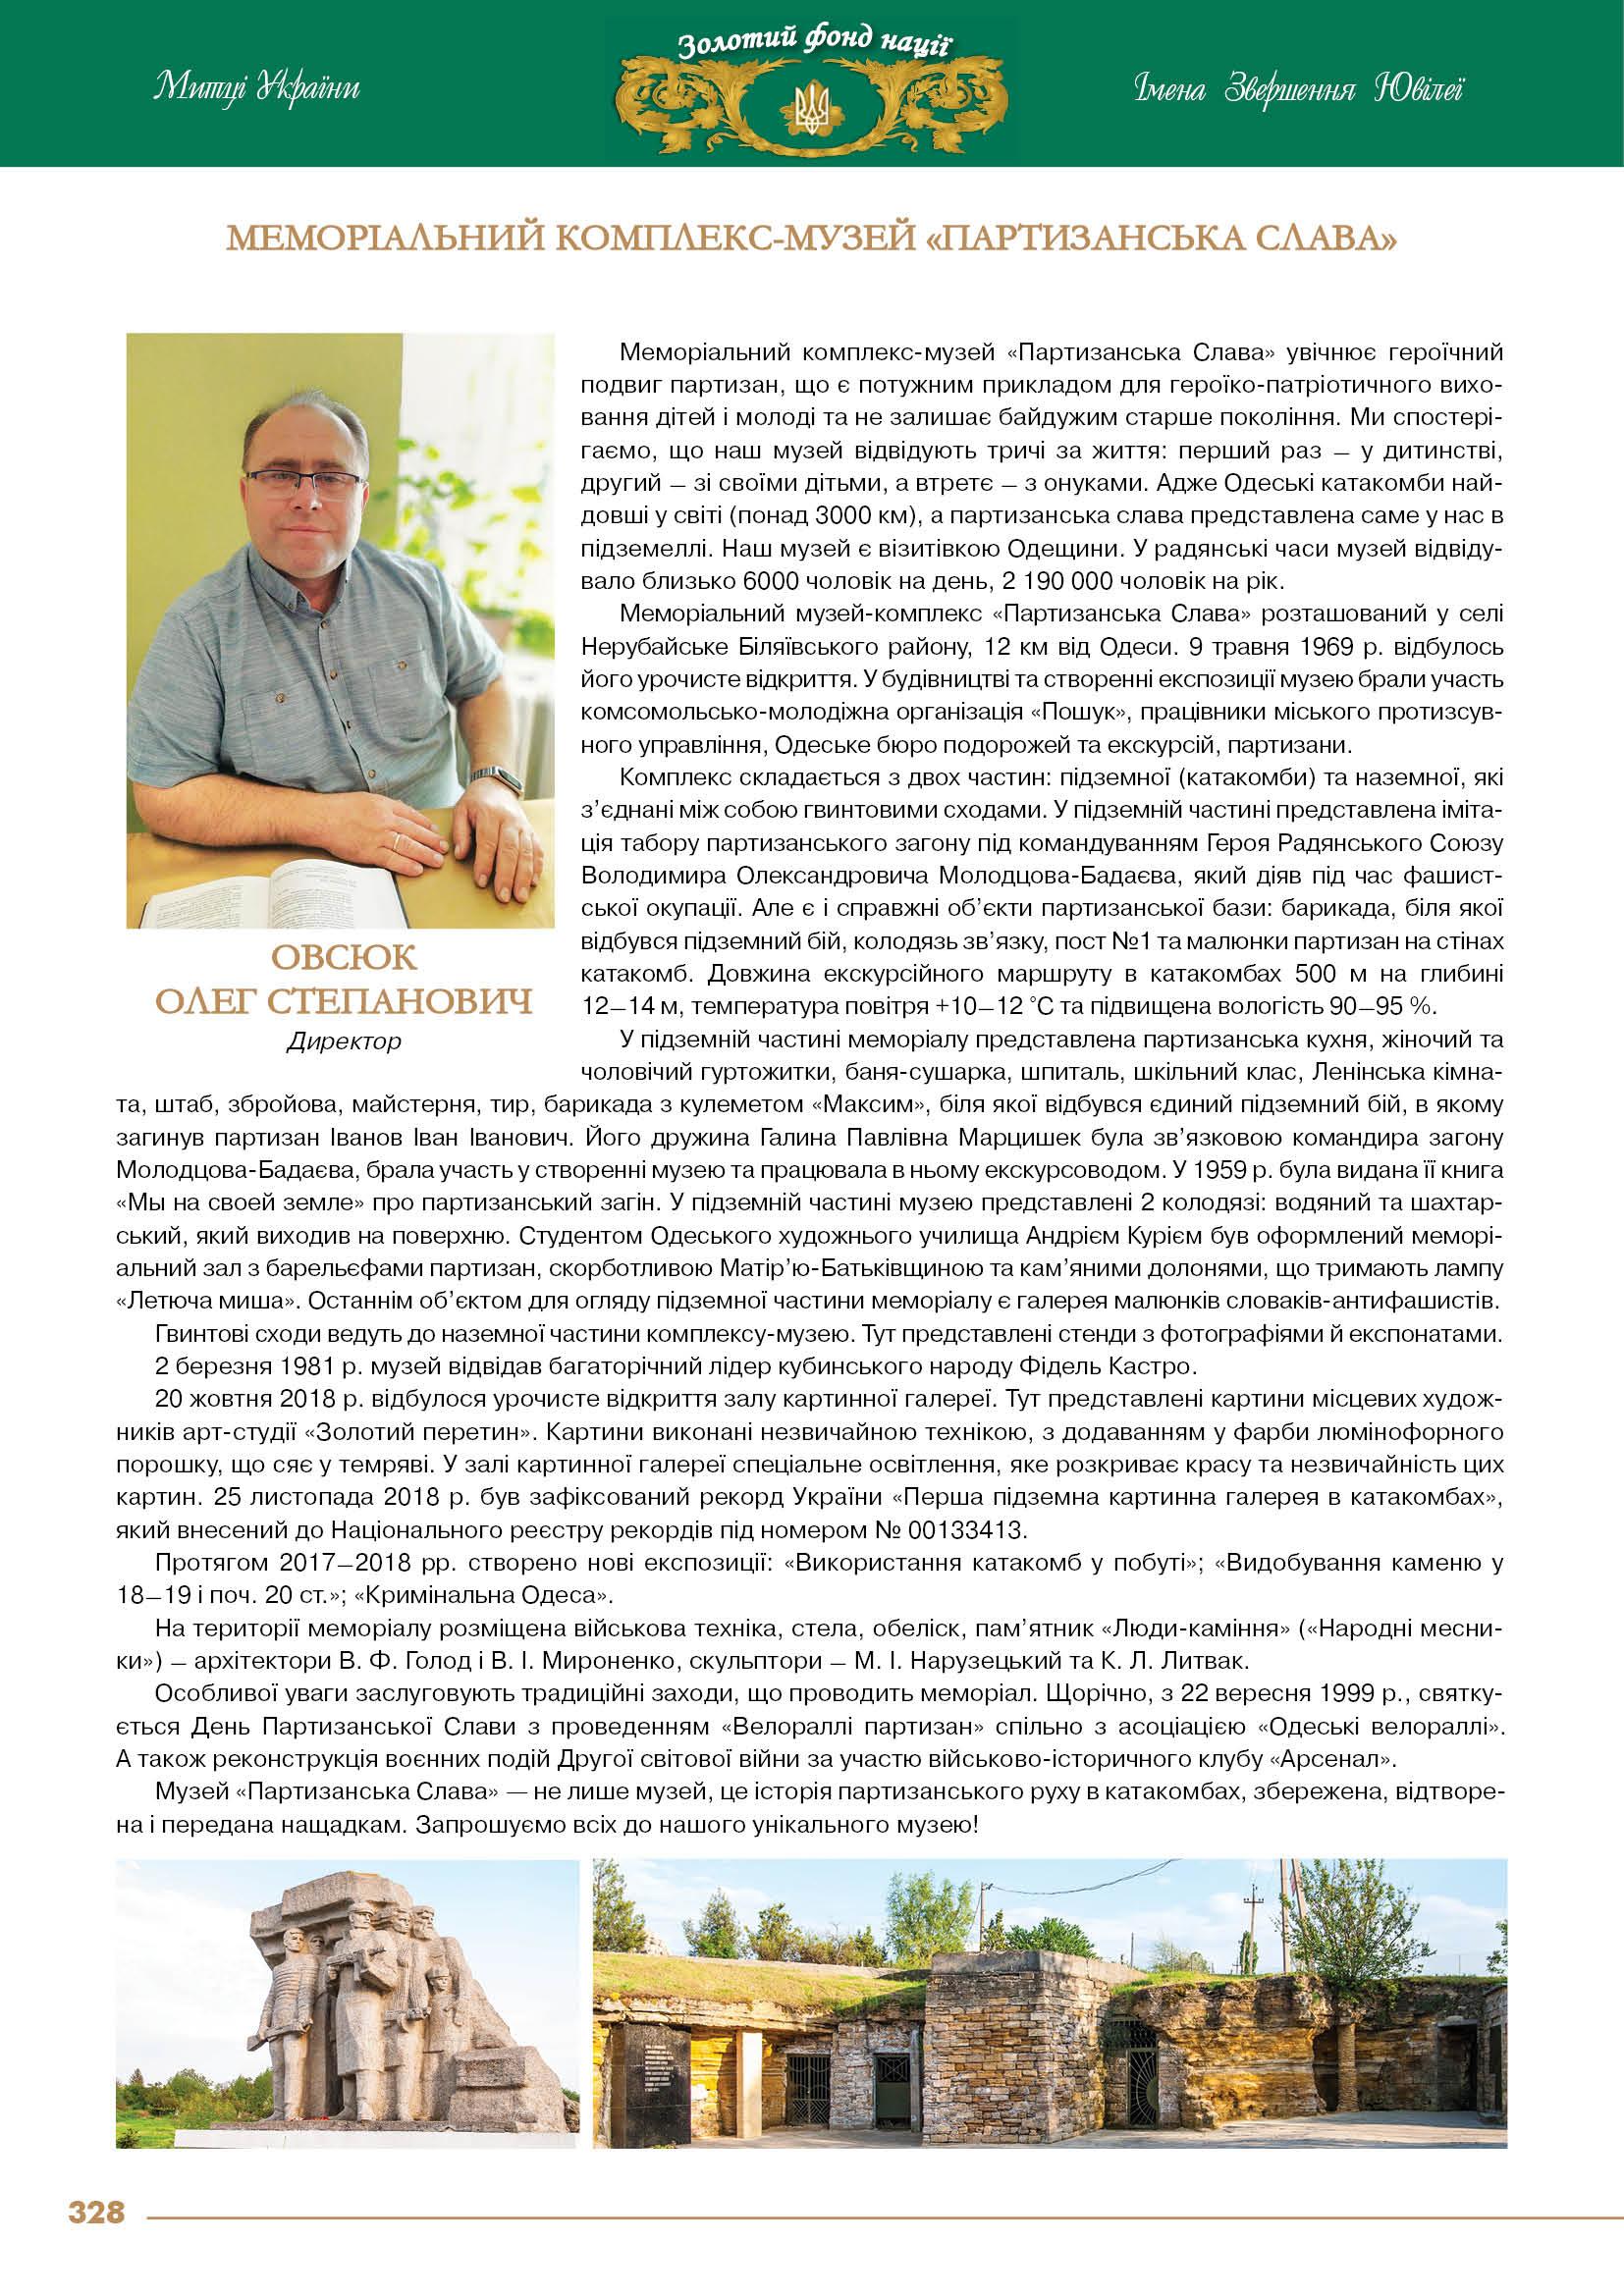 Меморіальний комплекс-музей «Партизанська Слава» - директор Овсюк Олег Степанович